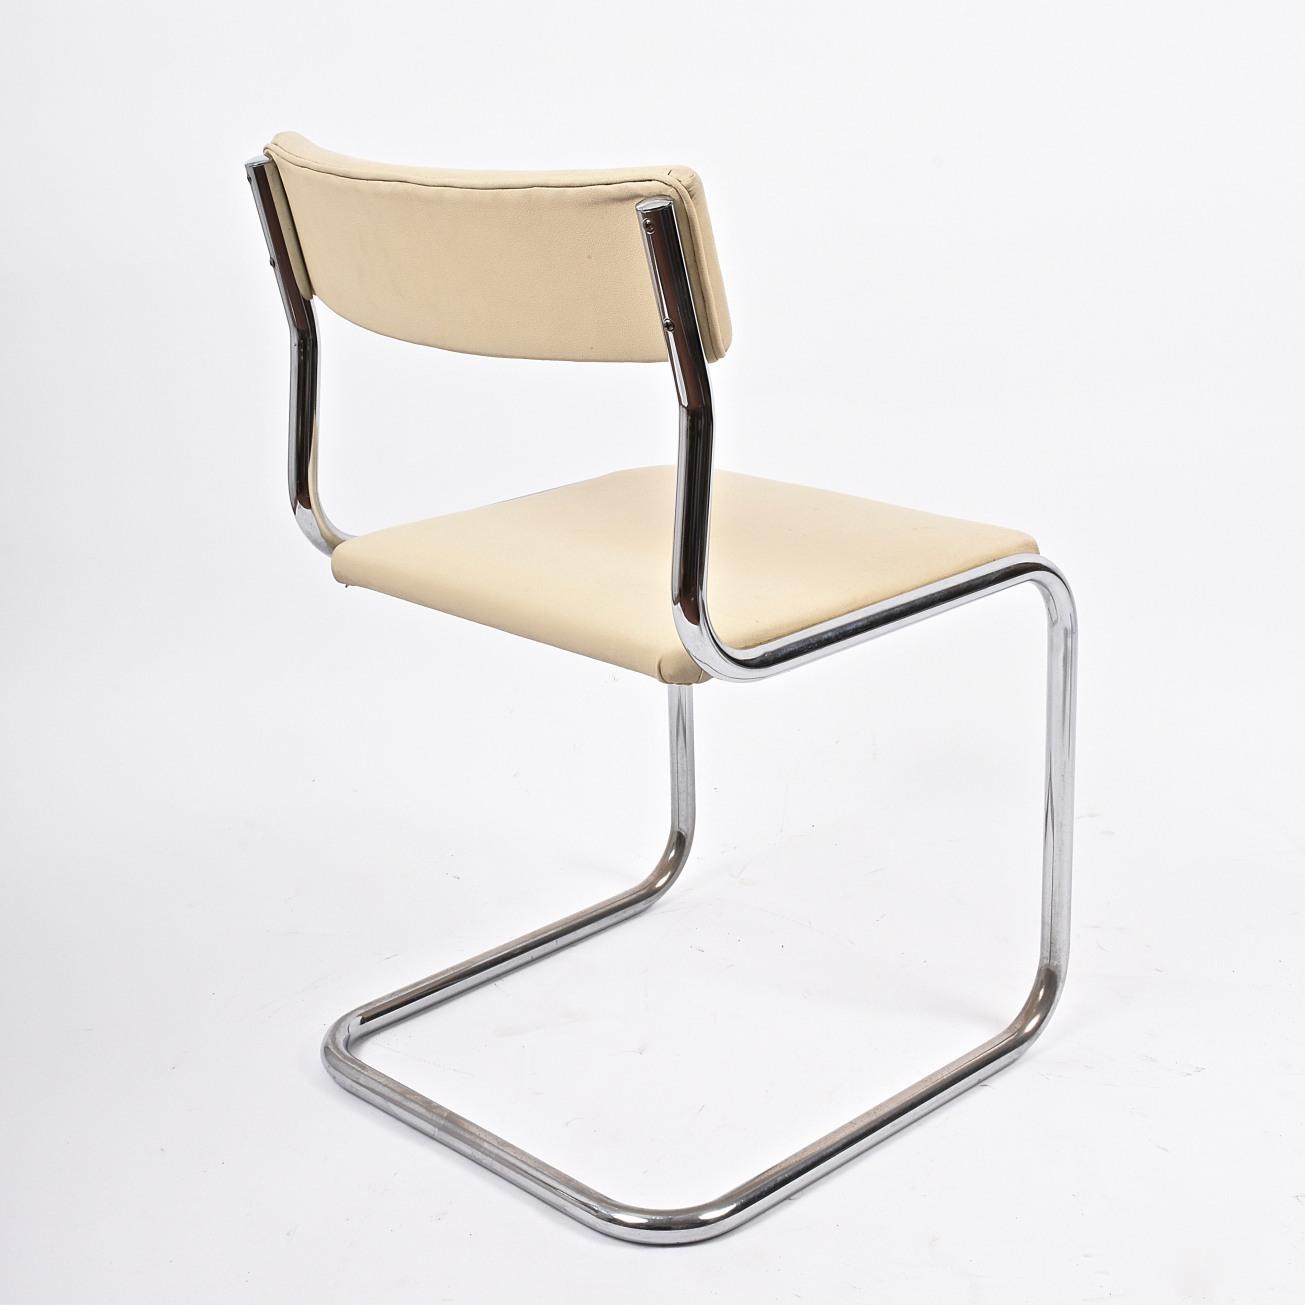 Bauhaus breuer style sedie in metallo cromato con seduta for Sedie design anni 20